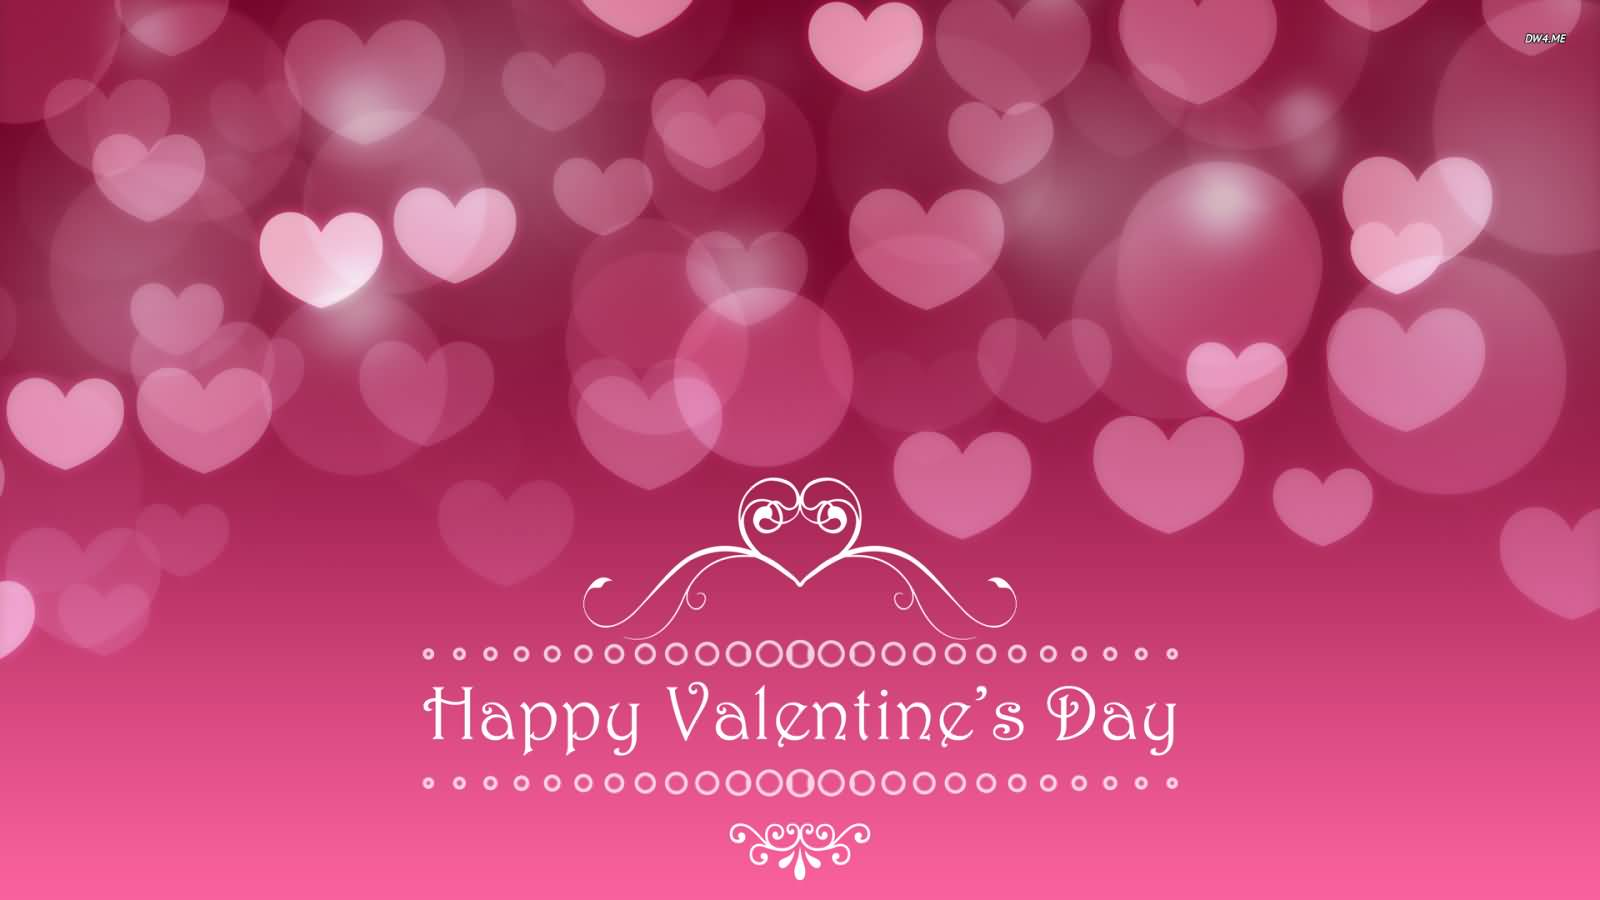 Happy Valentine S Day Pink Background Wallpaper